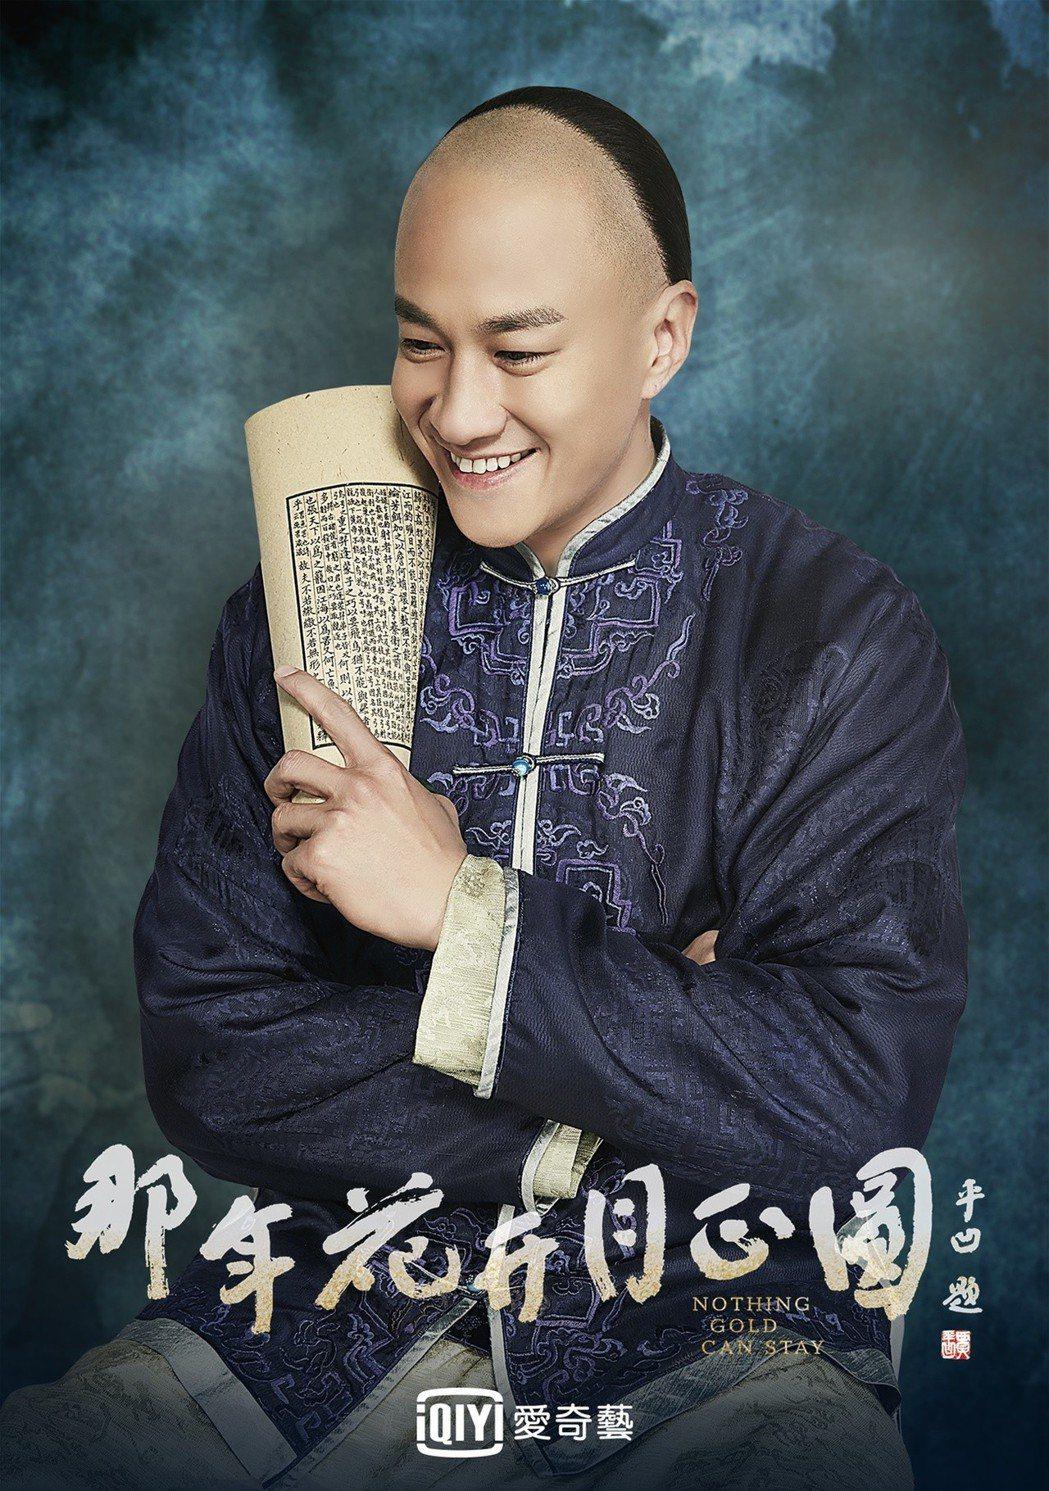 何潤東因演出「那年花開月正圓」受矚目。圖/愛奇藝台灣站提供